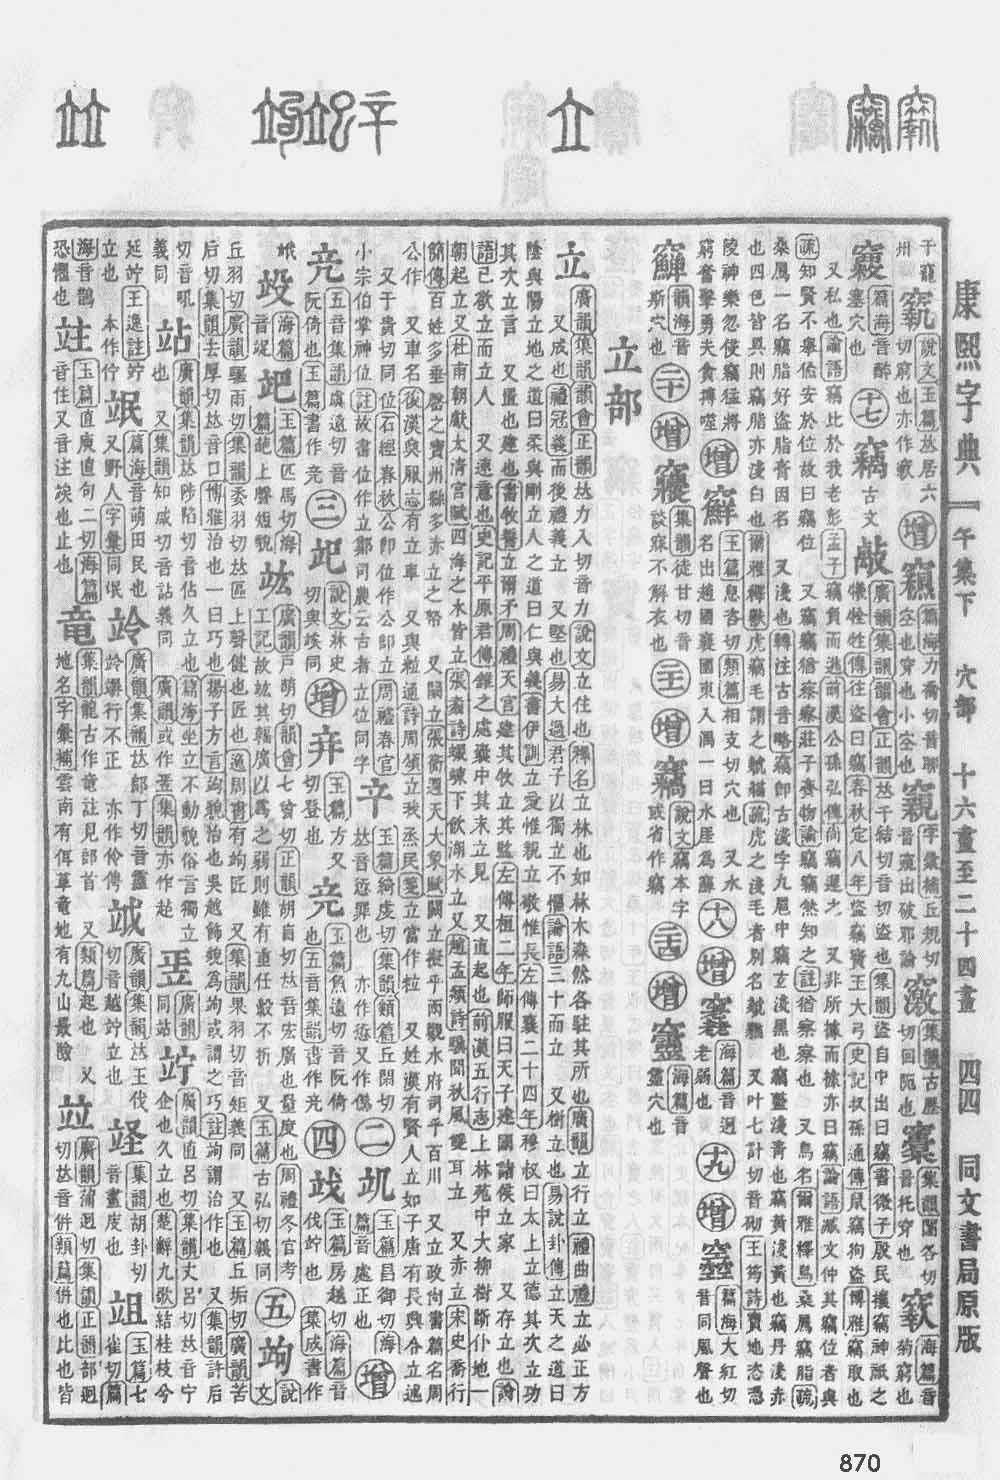 《康熙字典》第870页